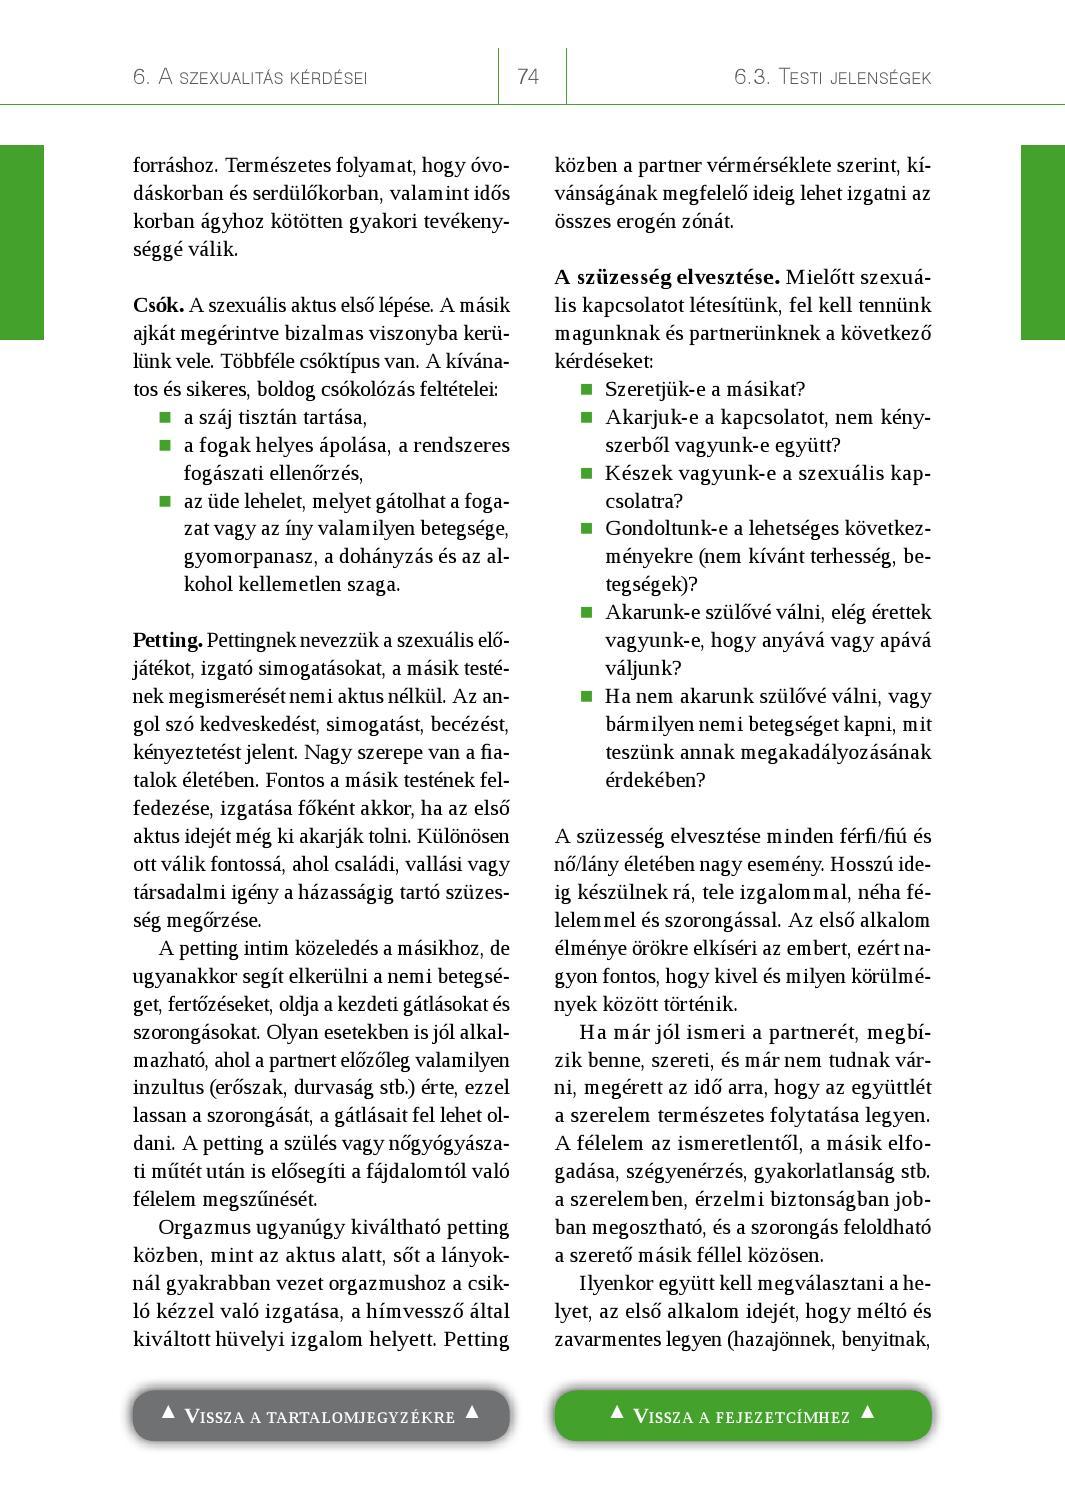 Sértő flegma - okok és betegségek - Mellhártyagyulladás